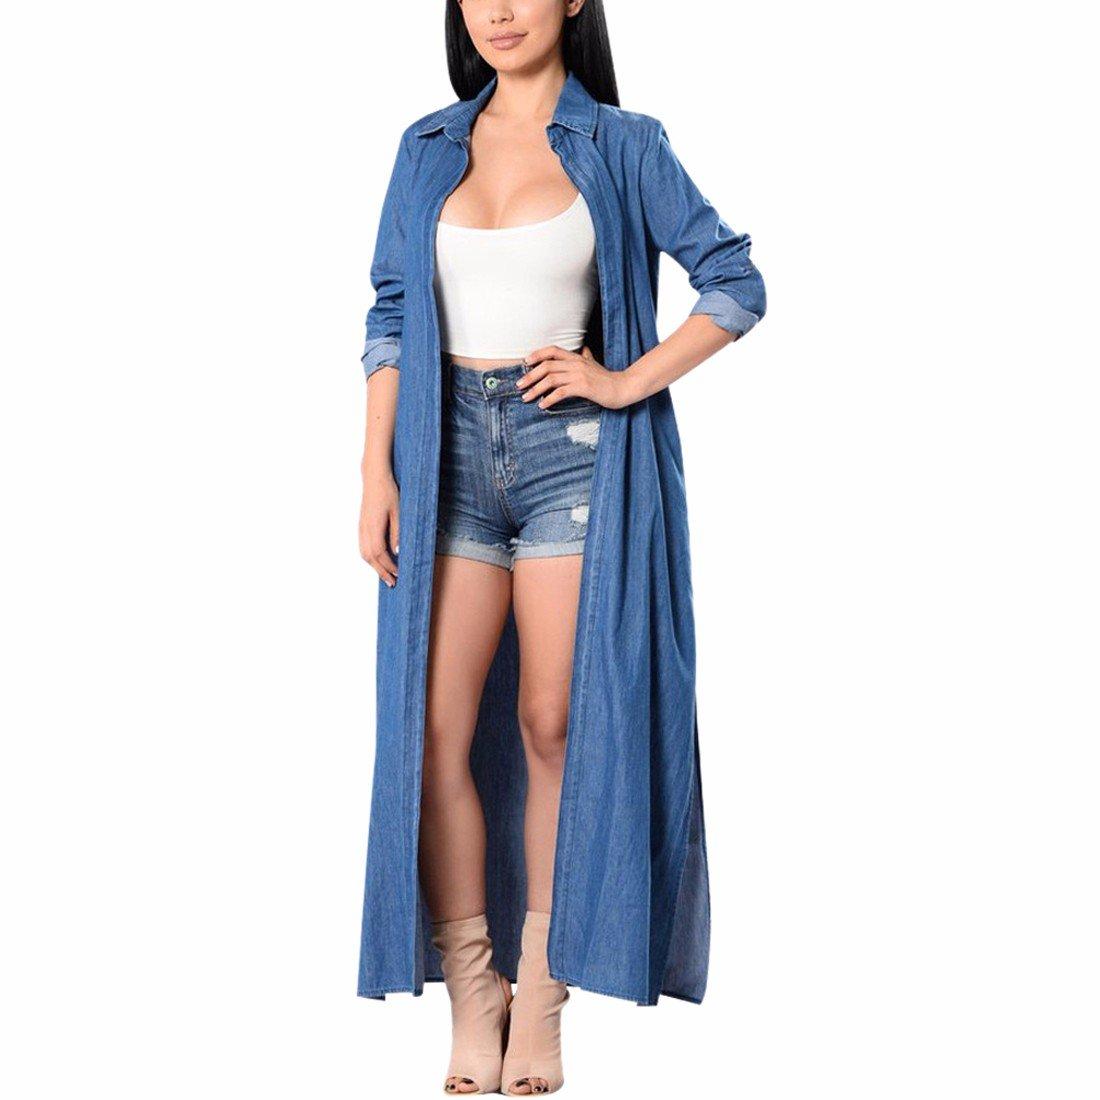 QIYUN.Z Women's Denim Long Coat Outwear Long Sleeve Open Front Cardigan E9015S0189/1ONE